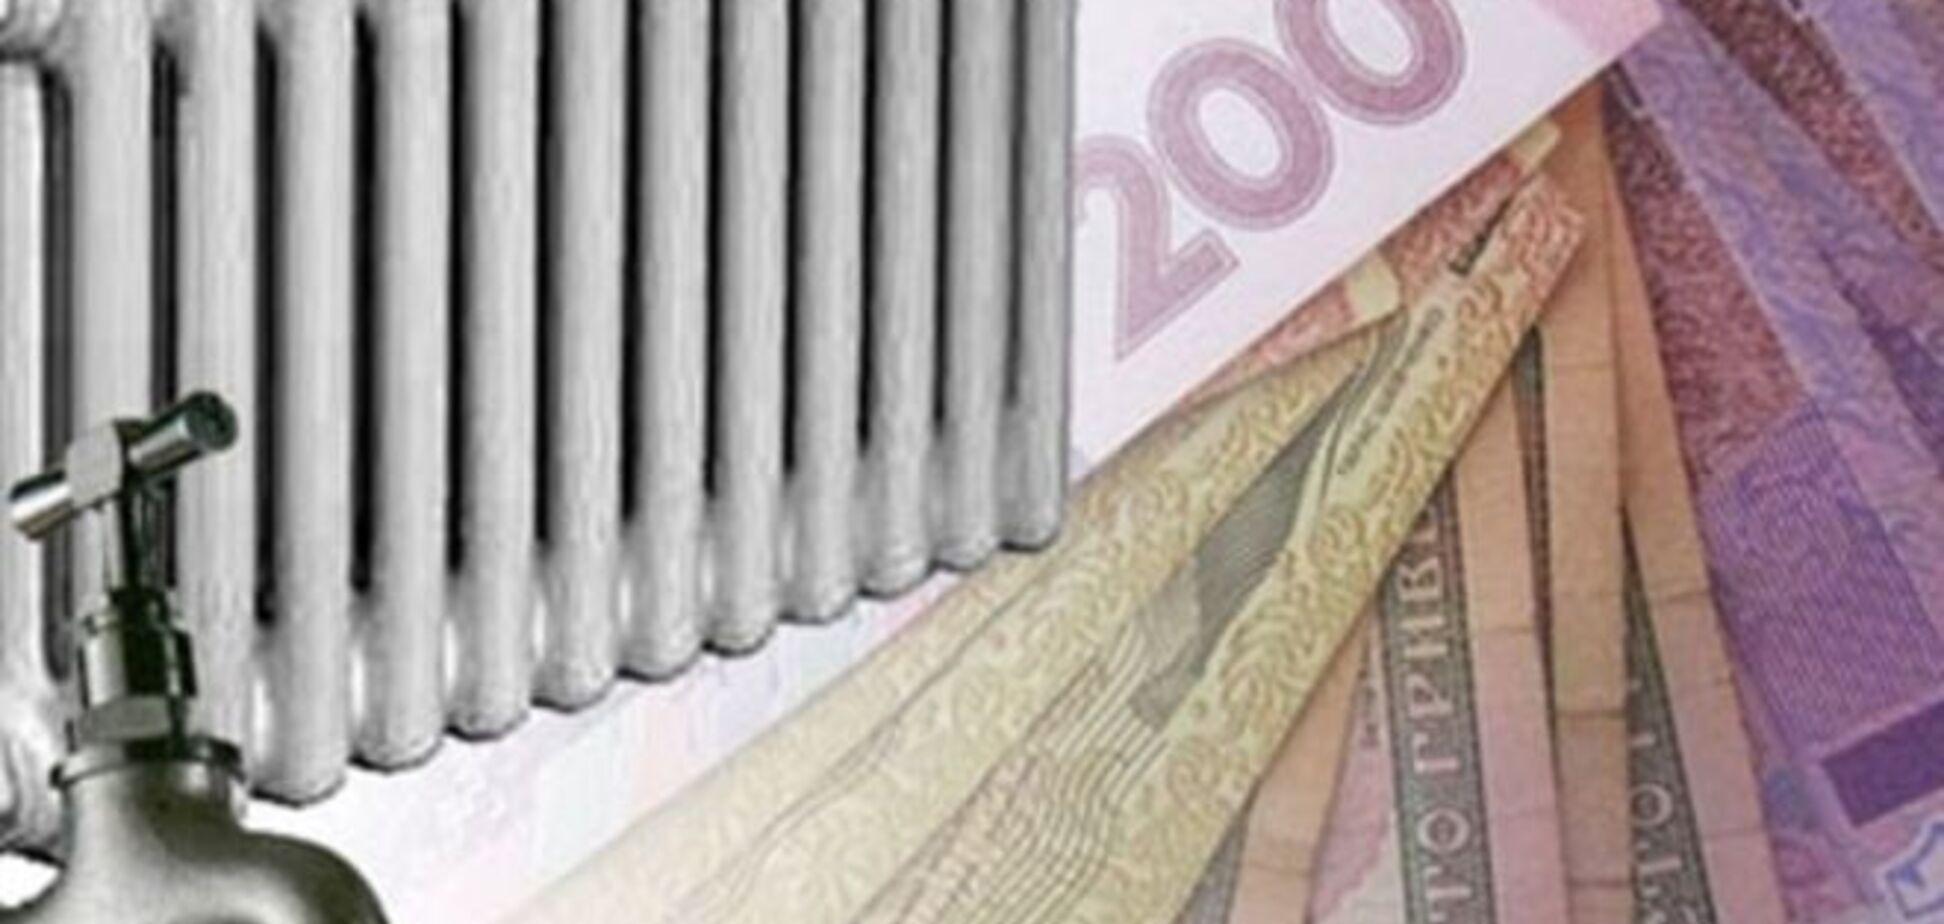 В Украине установлен новый тариф на тепло для населения, устраивающий МВФ